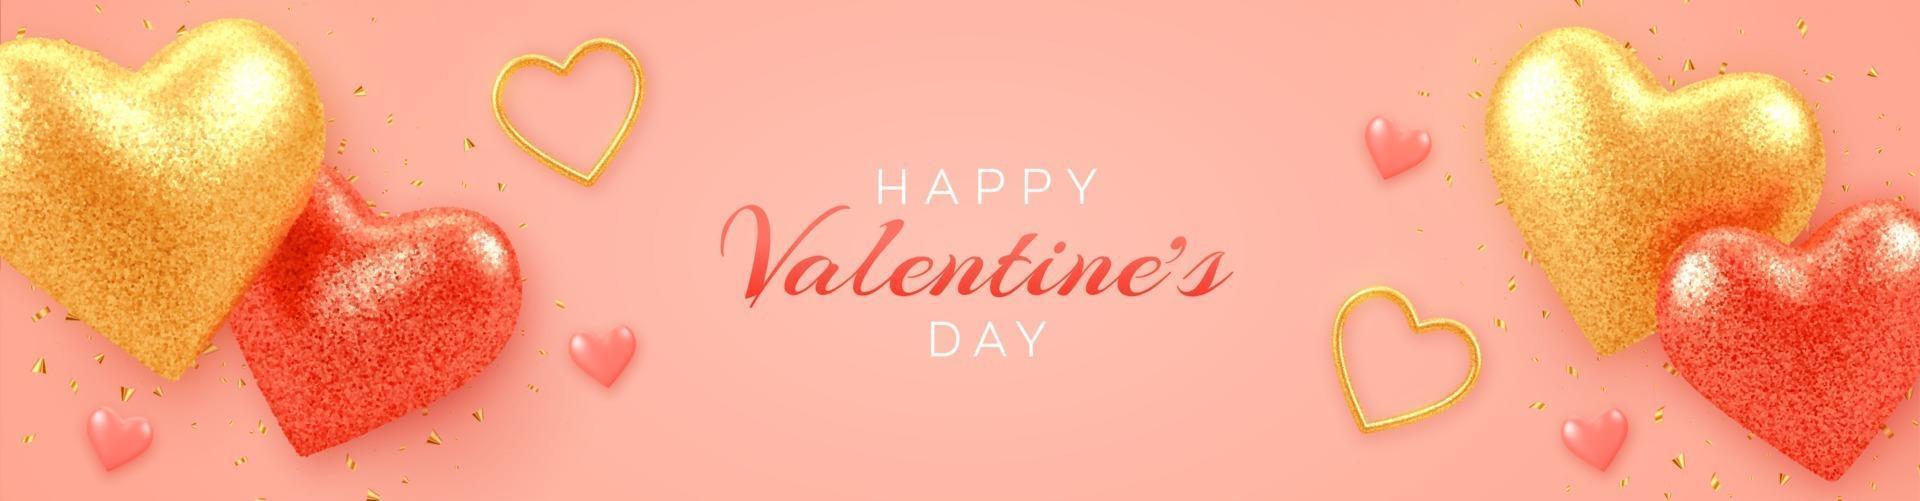 banner de venda de dia dos namorados com brilhantes corações de balões 3d vermelhos e dourados realistas com textura de glitter e confetes em fundo rosa. panfleto, cartaz, folheto, cartão de felicitações. vetor